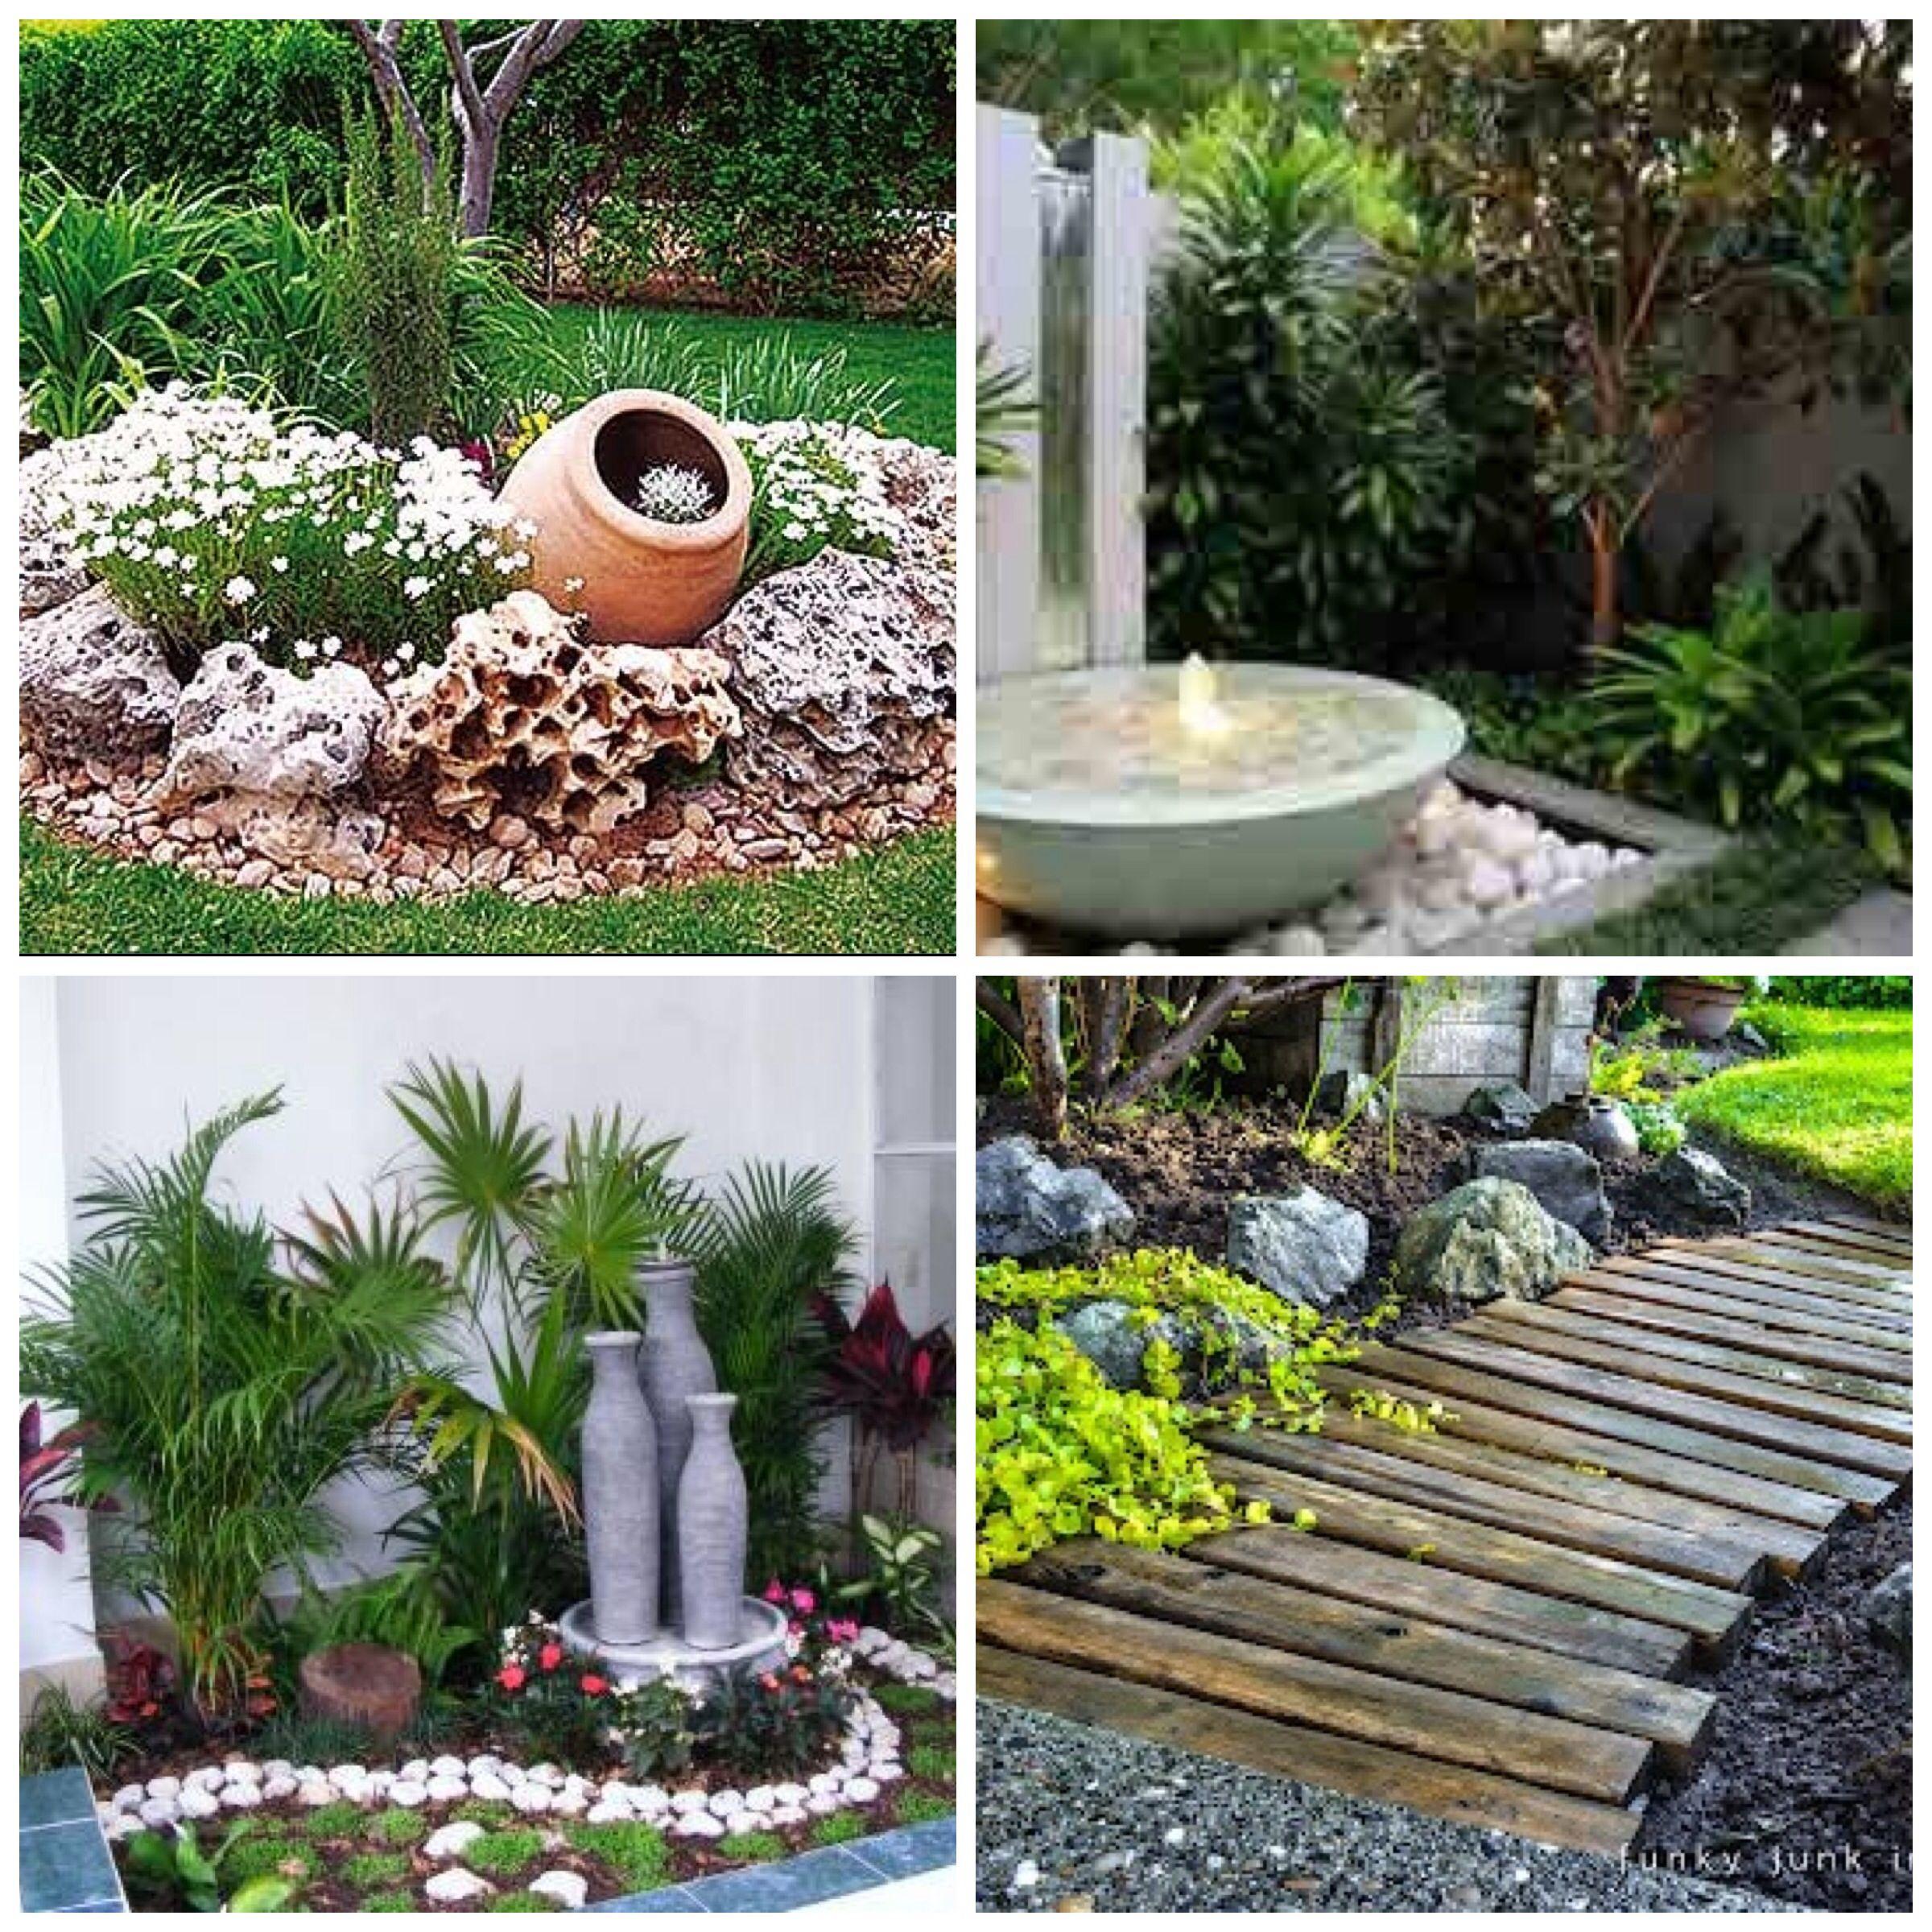 Dise o de jardines casa y jardiner a pinterest - Diseno patios ...